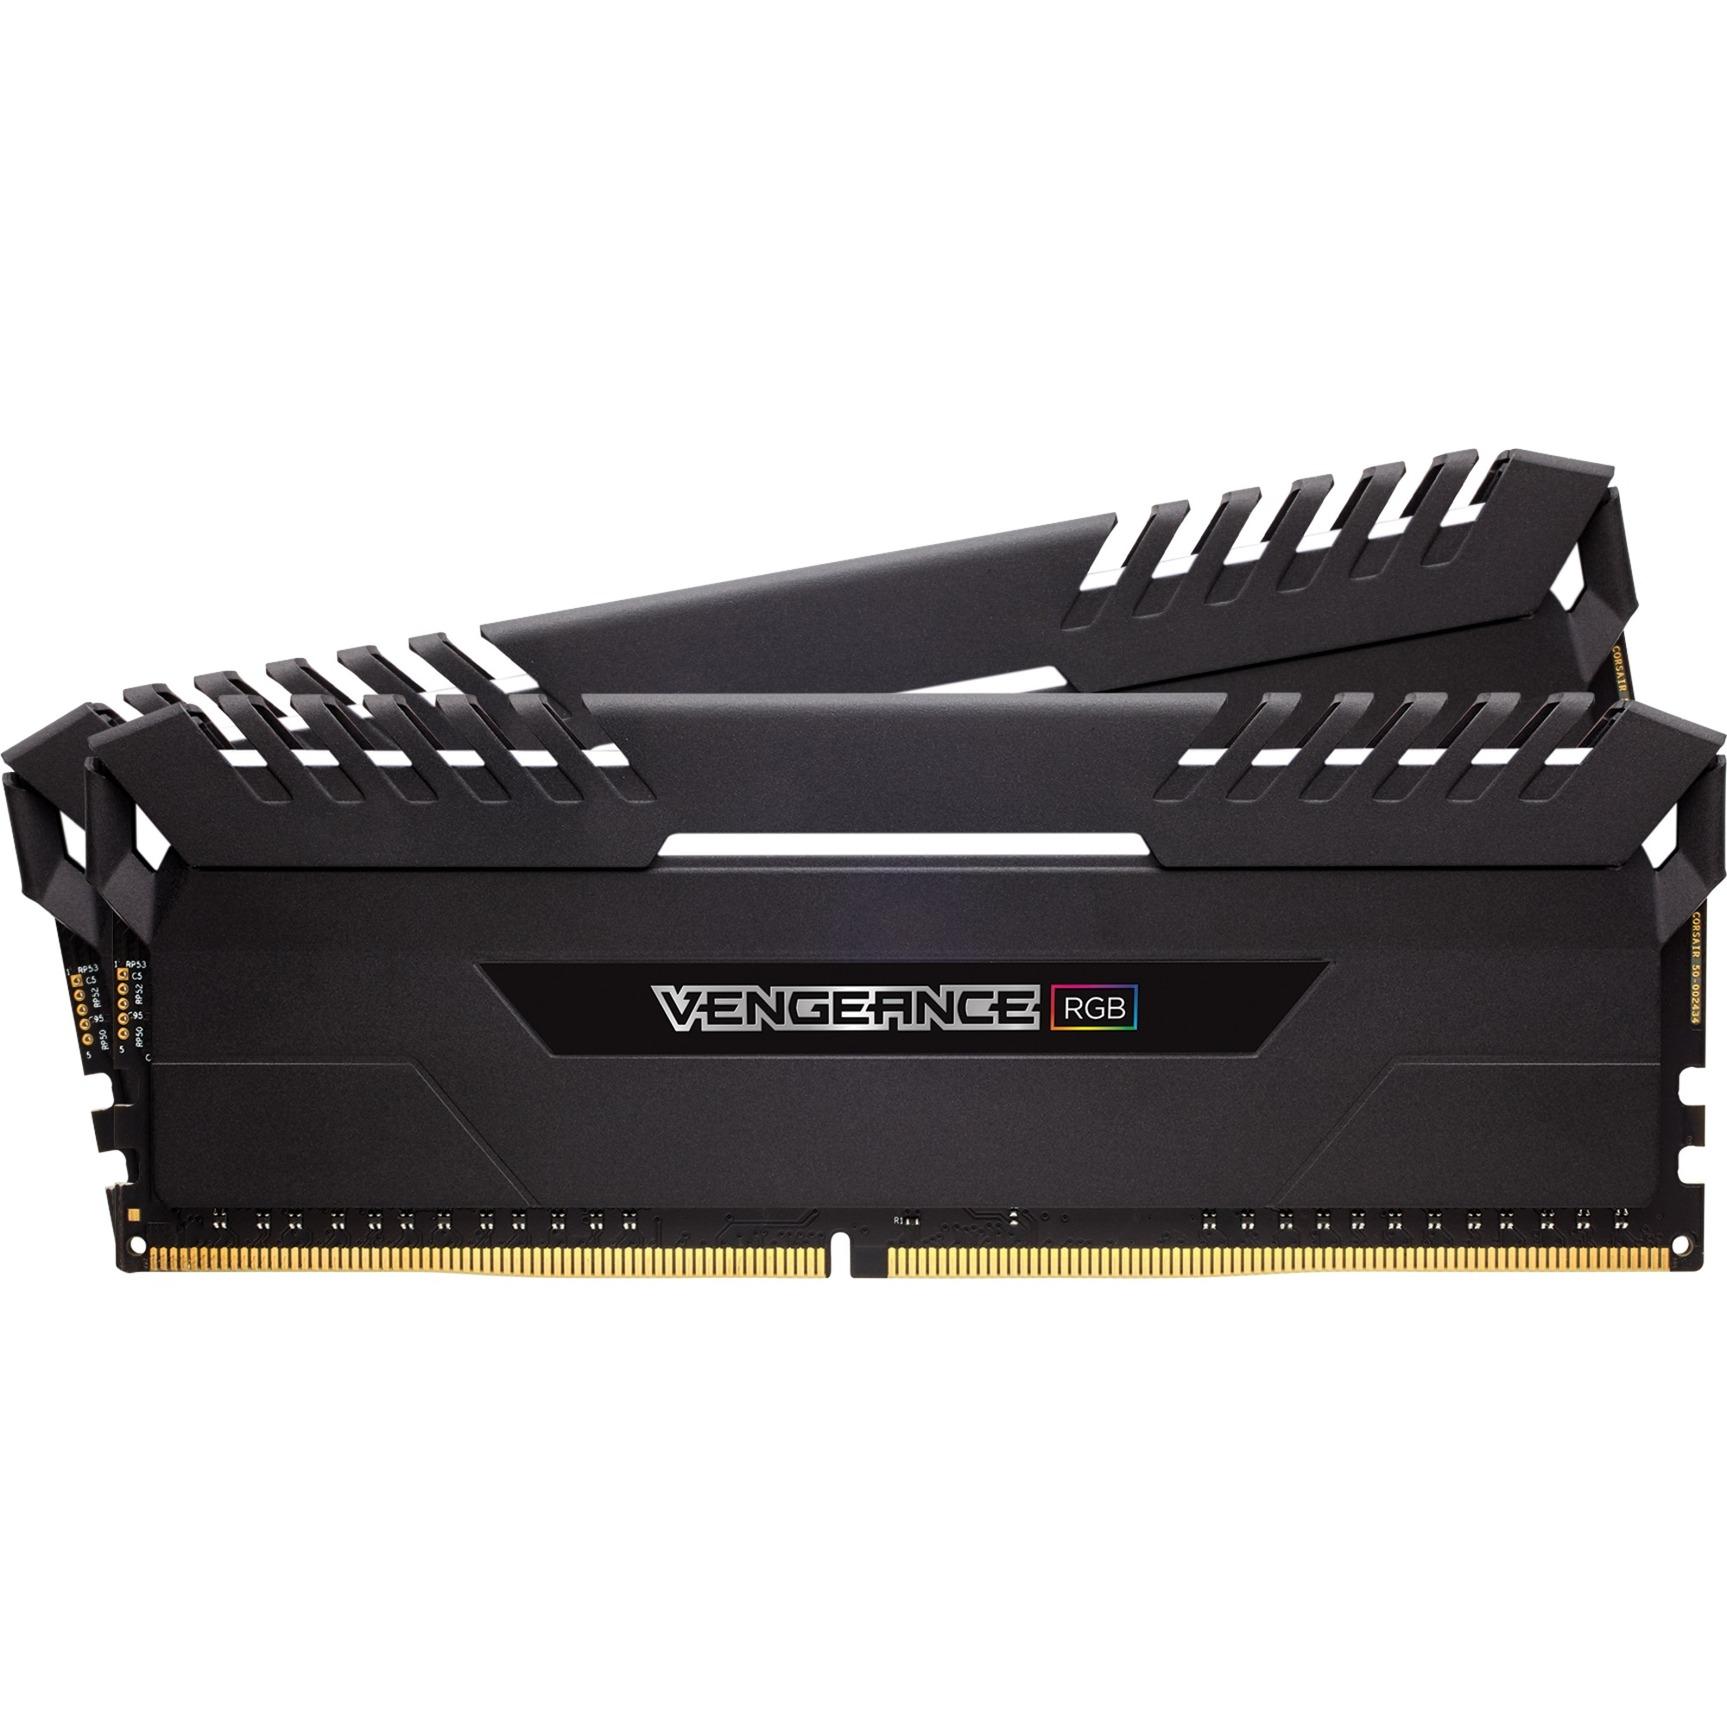 Vengeance 16 GB, DDR4, 3466 Mhz 16Go DDR4 3466MHz module de mémoire